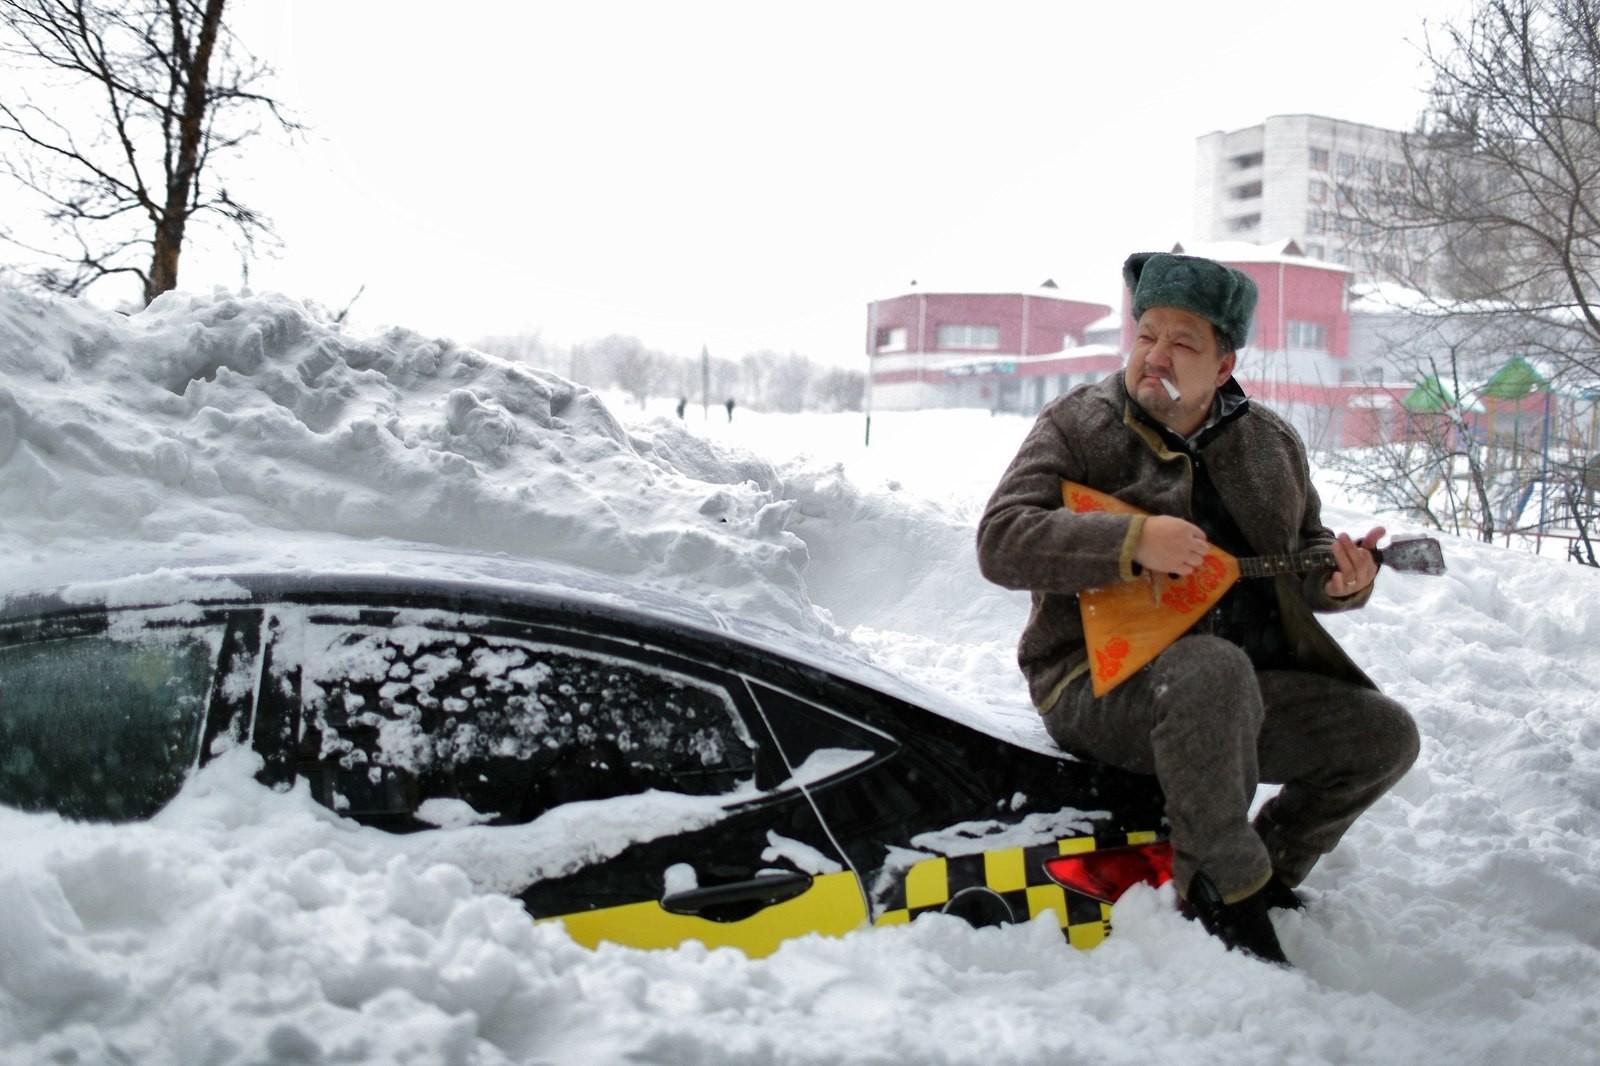 сне смешное фото снегопада пузырь полый